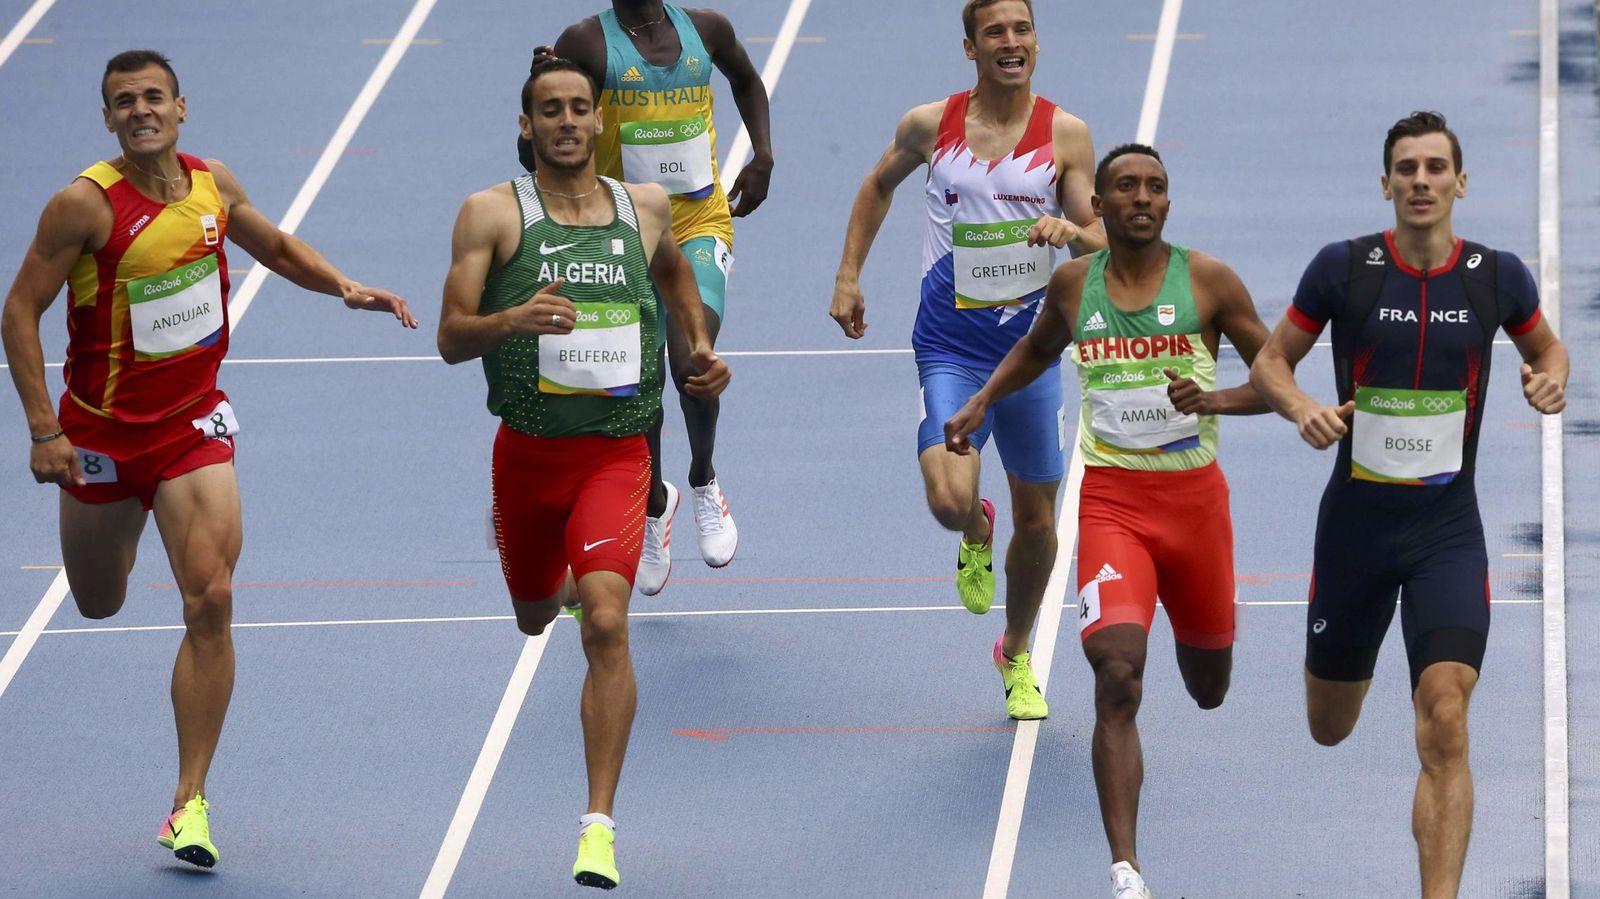 Foto: Athletics - men's 800m round 1